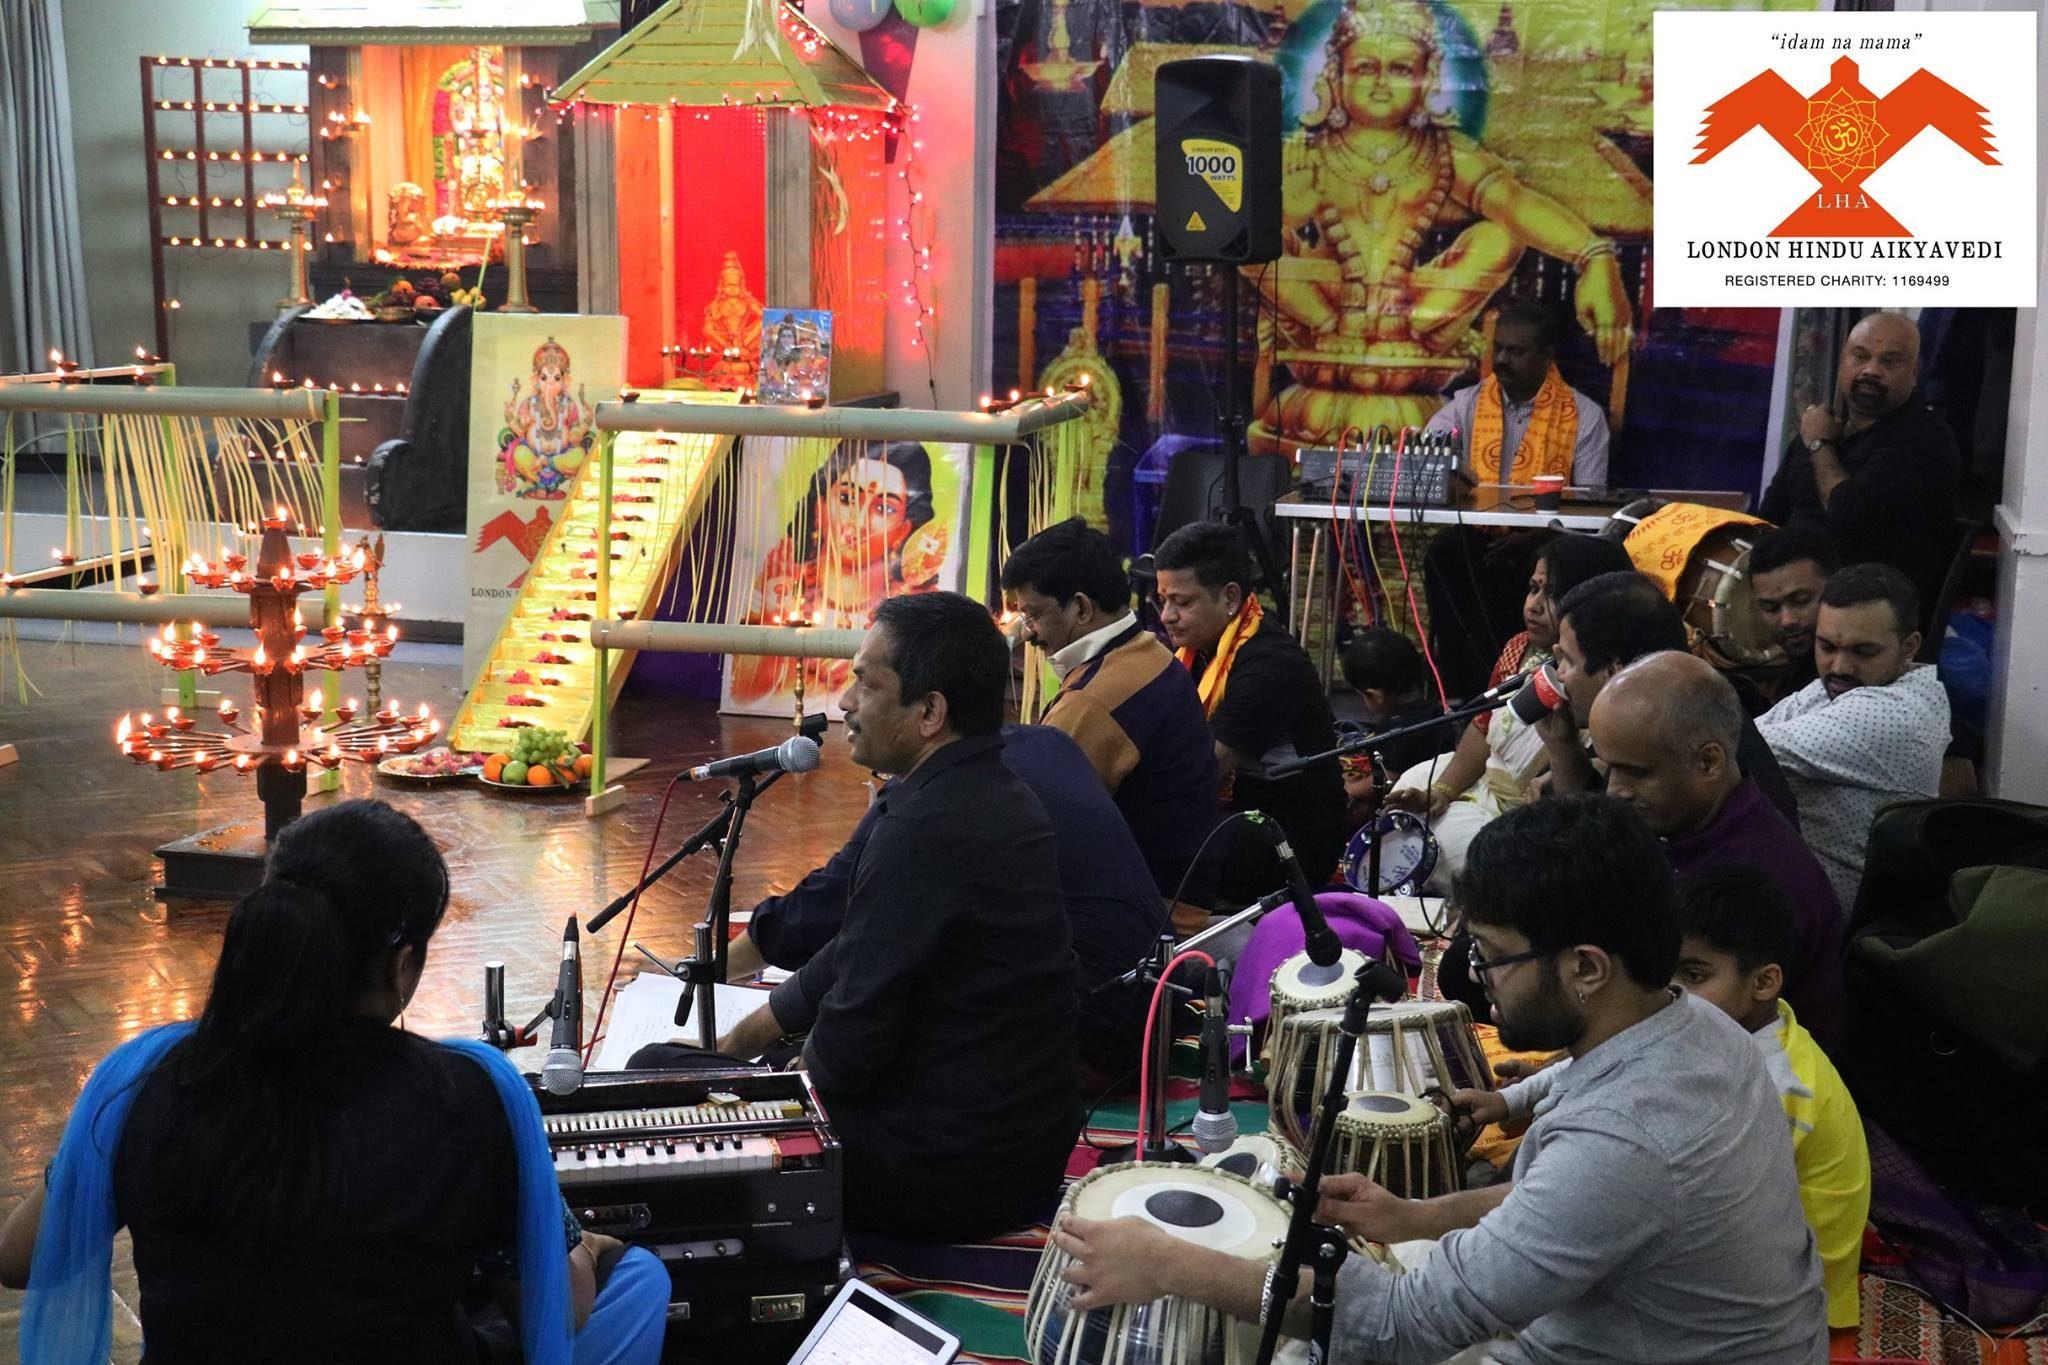 ലണ്ടൻ ഹിന്ദു ഐക്യവേദിയുടെ മണ്ഡല ചിറപ്പ് മഹോത്സവവും ധനുമാസ തിരുവാതിര ആഘോഷവും ഡിസംബർ 28 ന് ക്രോയിഡോണിൽ